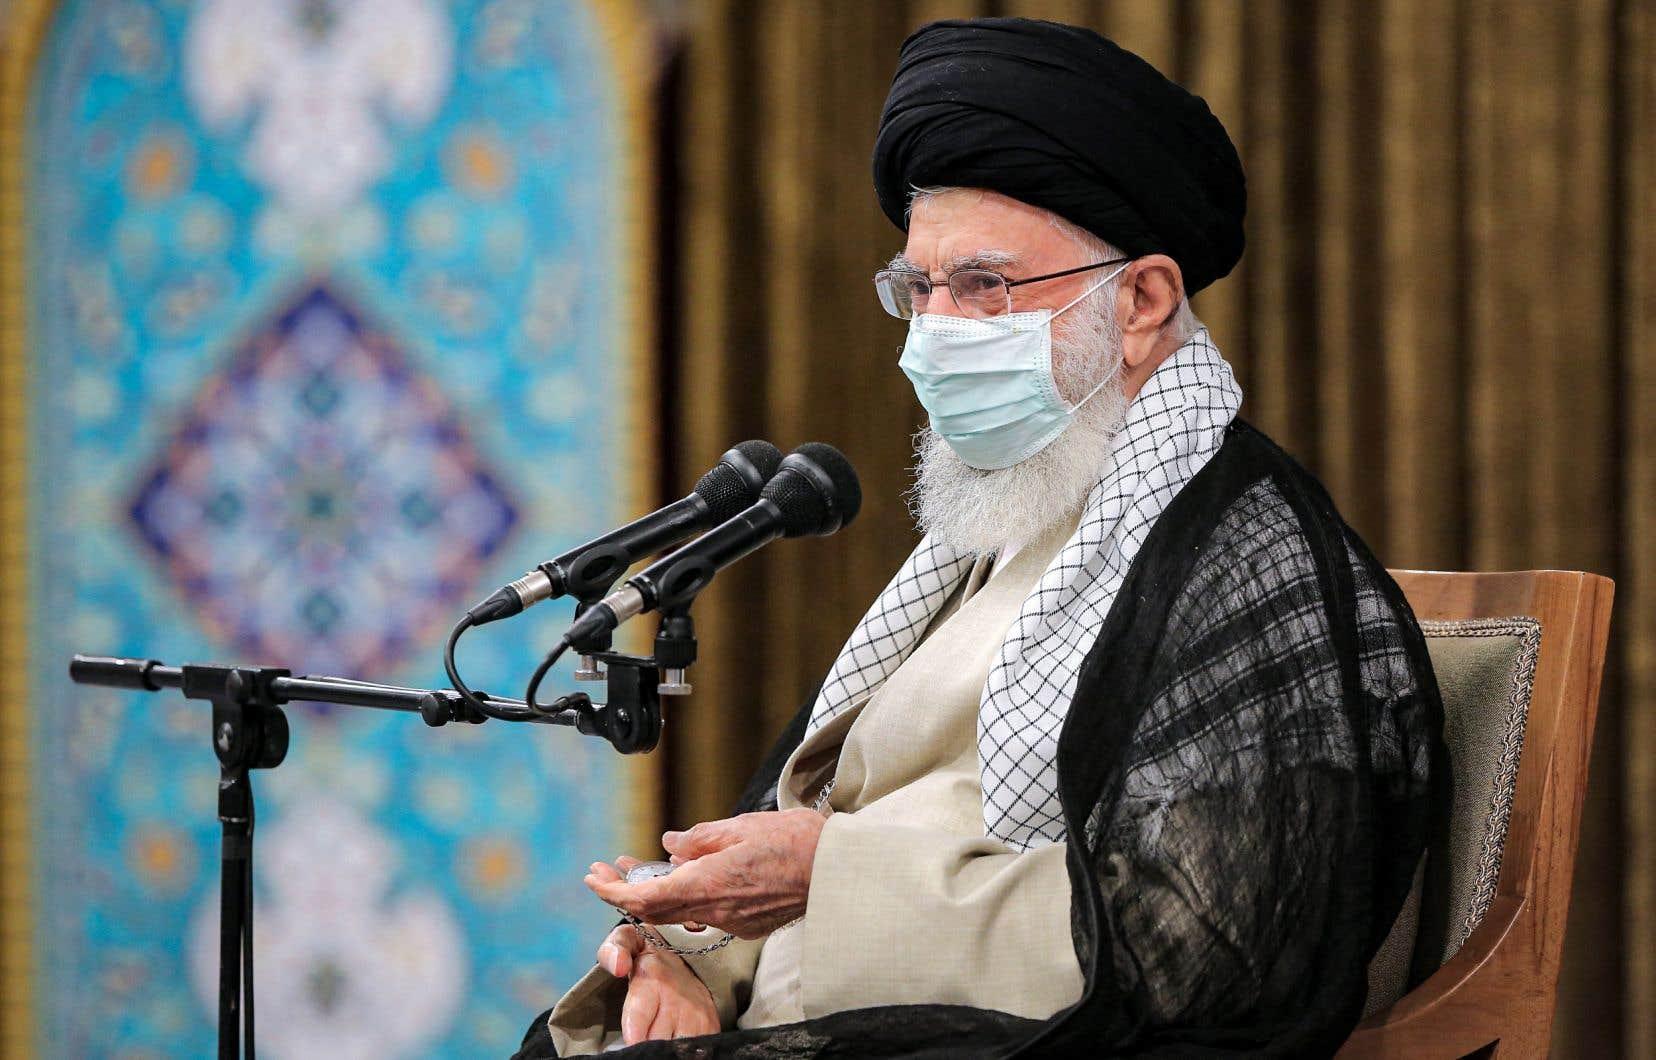 L'essentiel du pouvoir en Iran est aux mains de l'ayatollah Khamenei, ultime décideur notamment sur la question nucléaire.